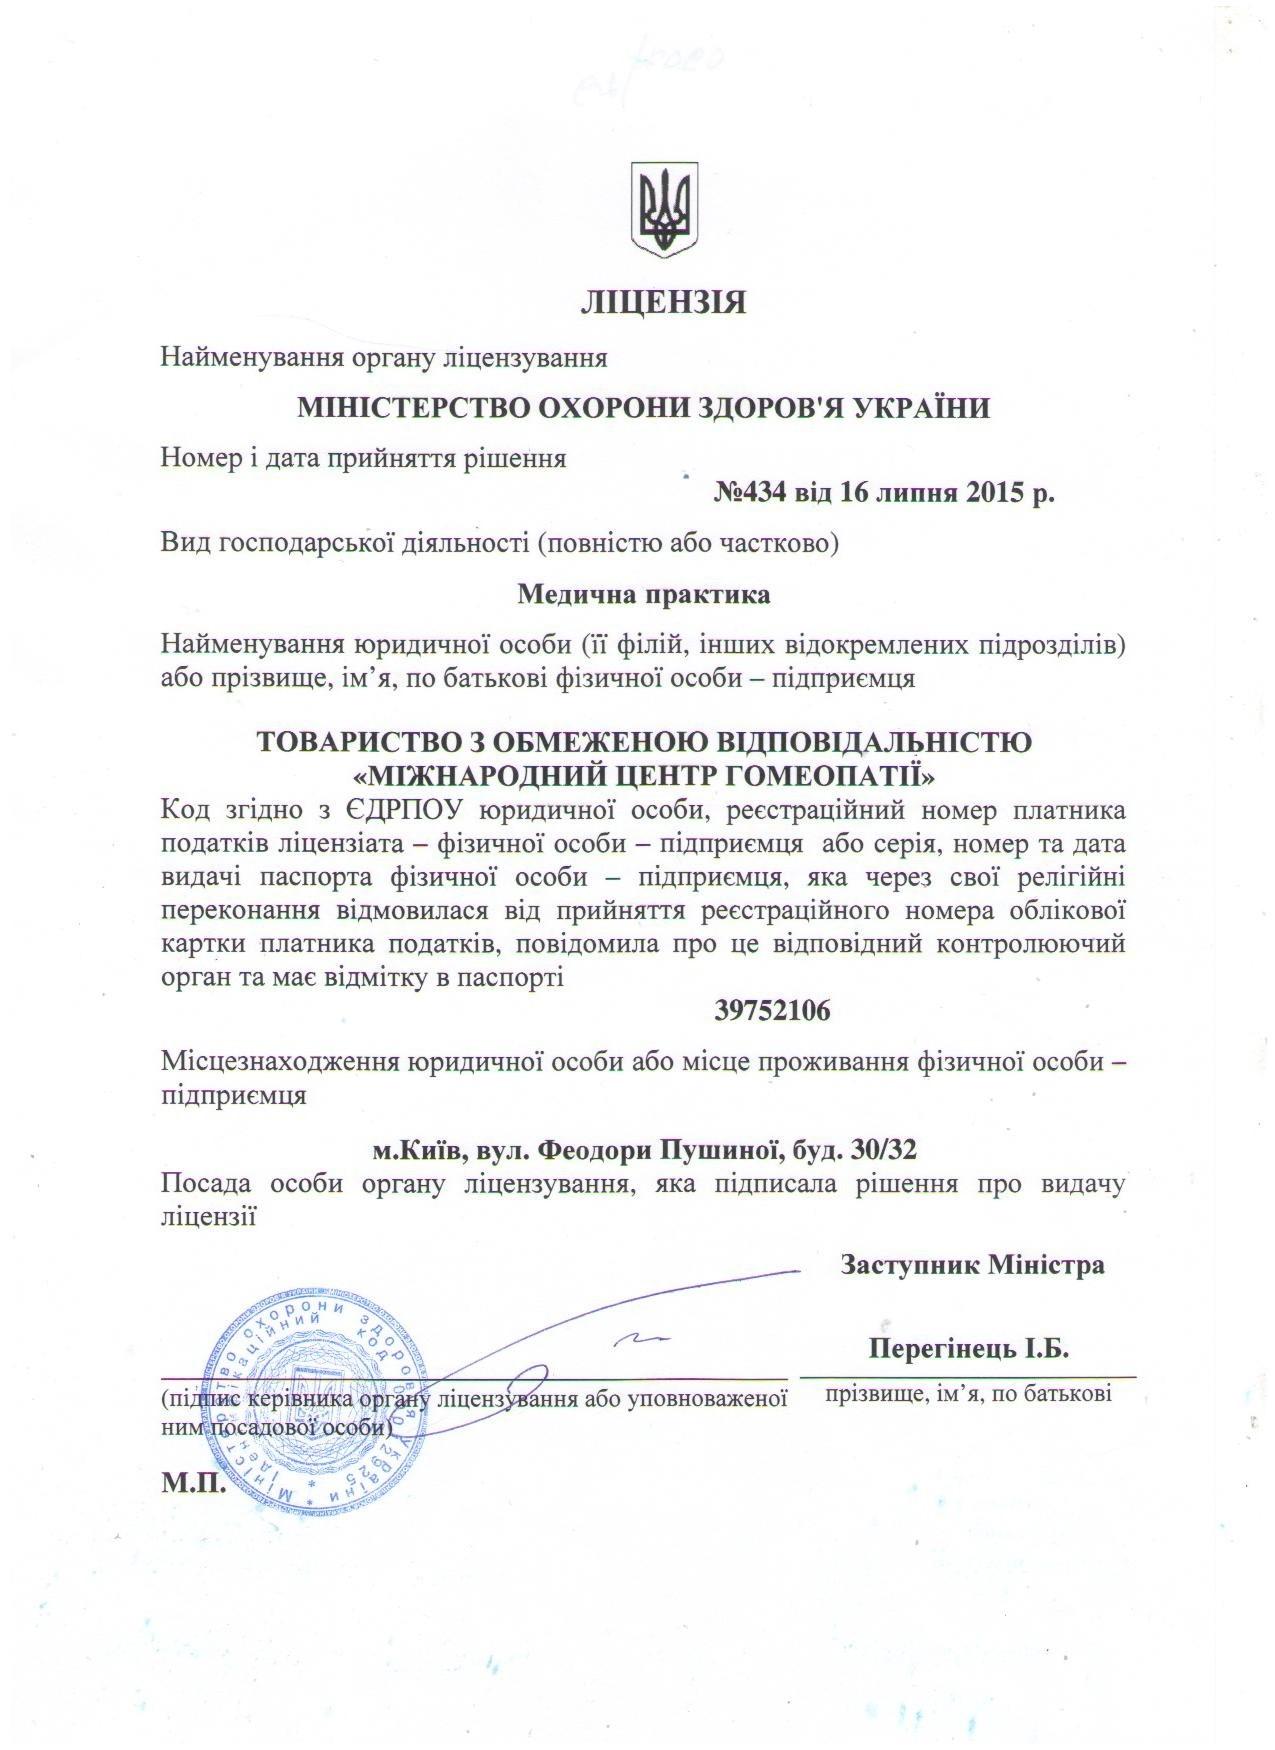 licenziya-tov